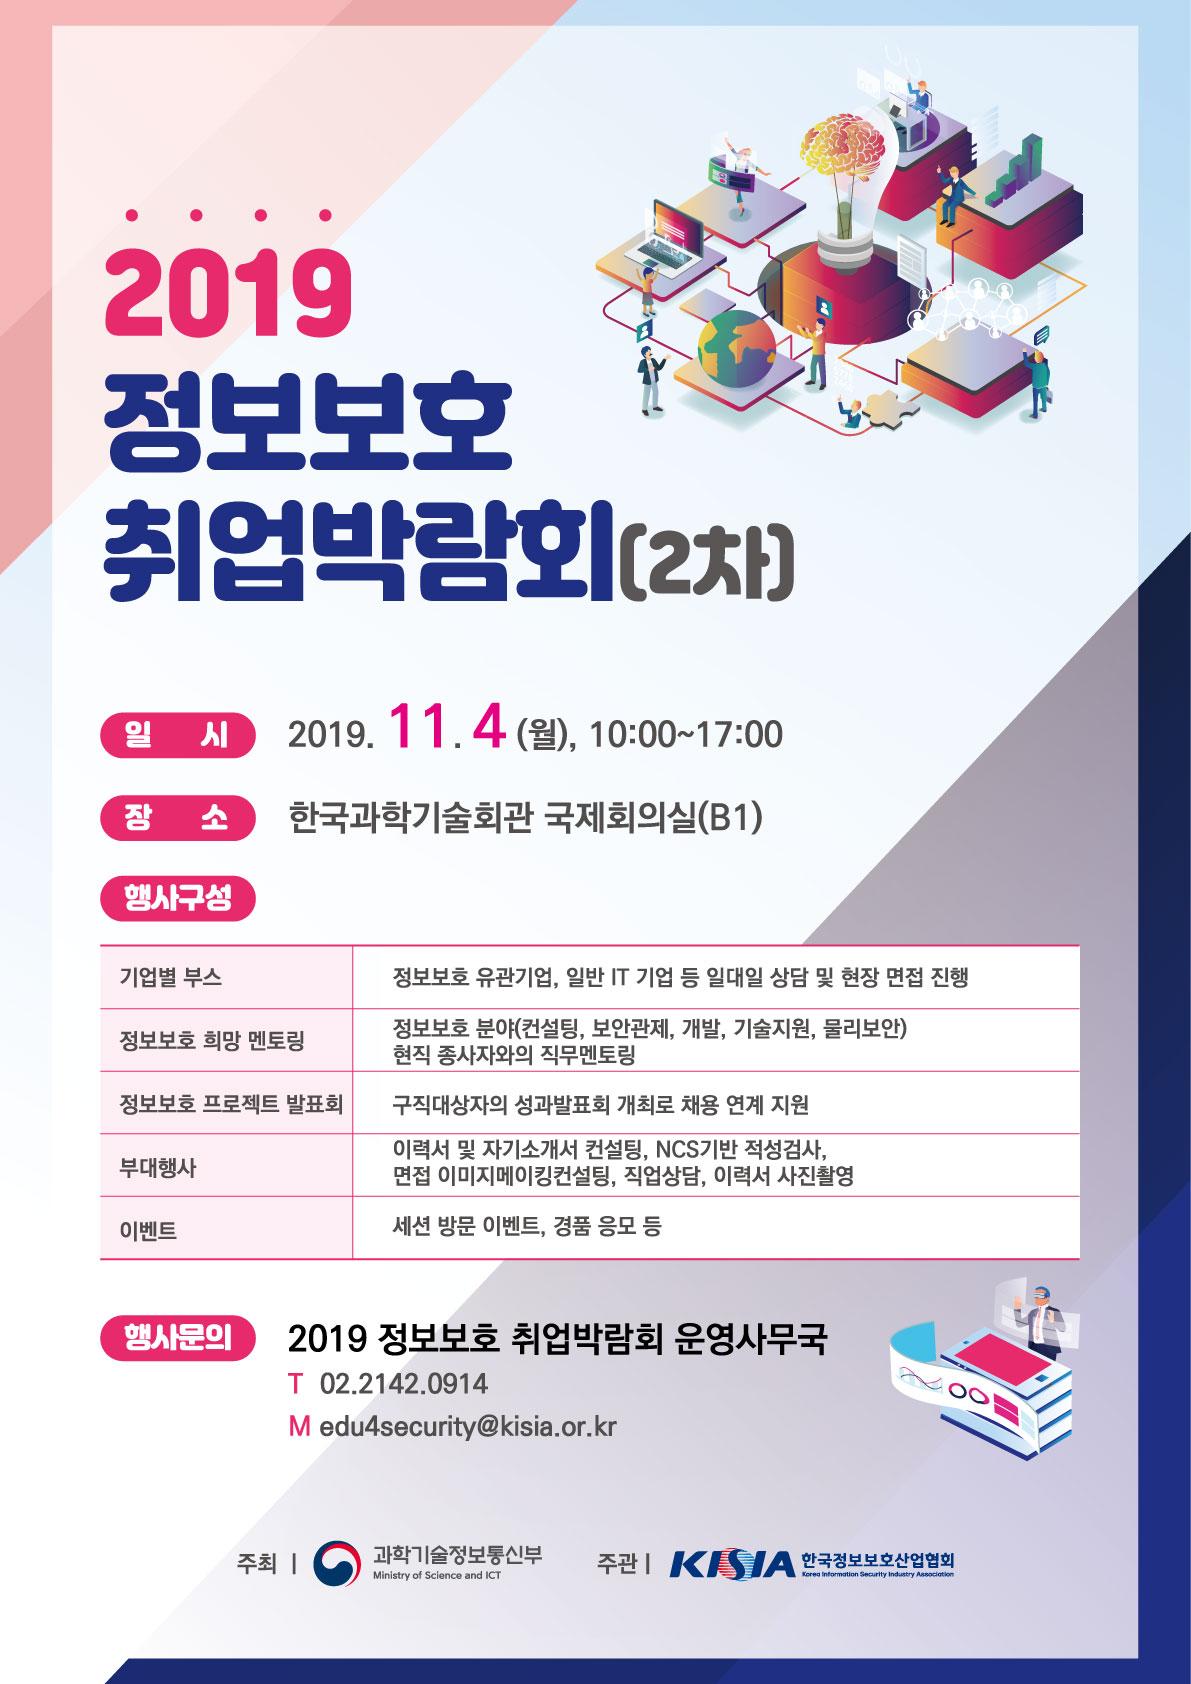 2019 정보보호 취업박람회(2차) 웹용 포스터.jpg